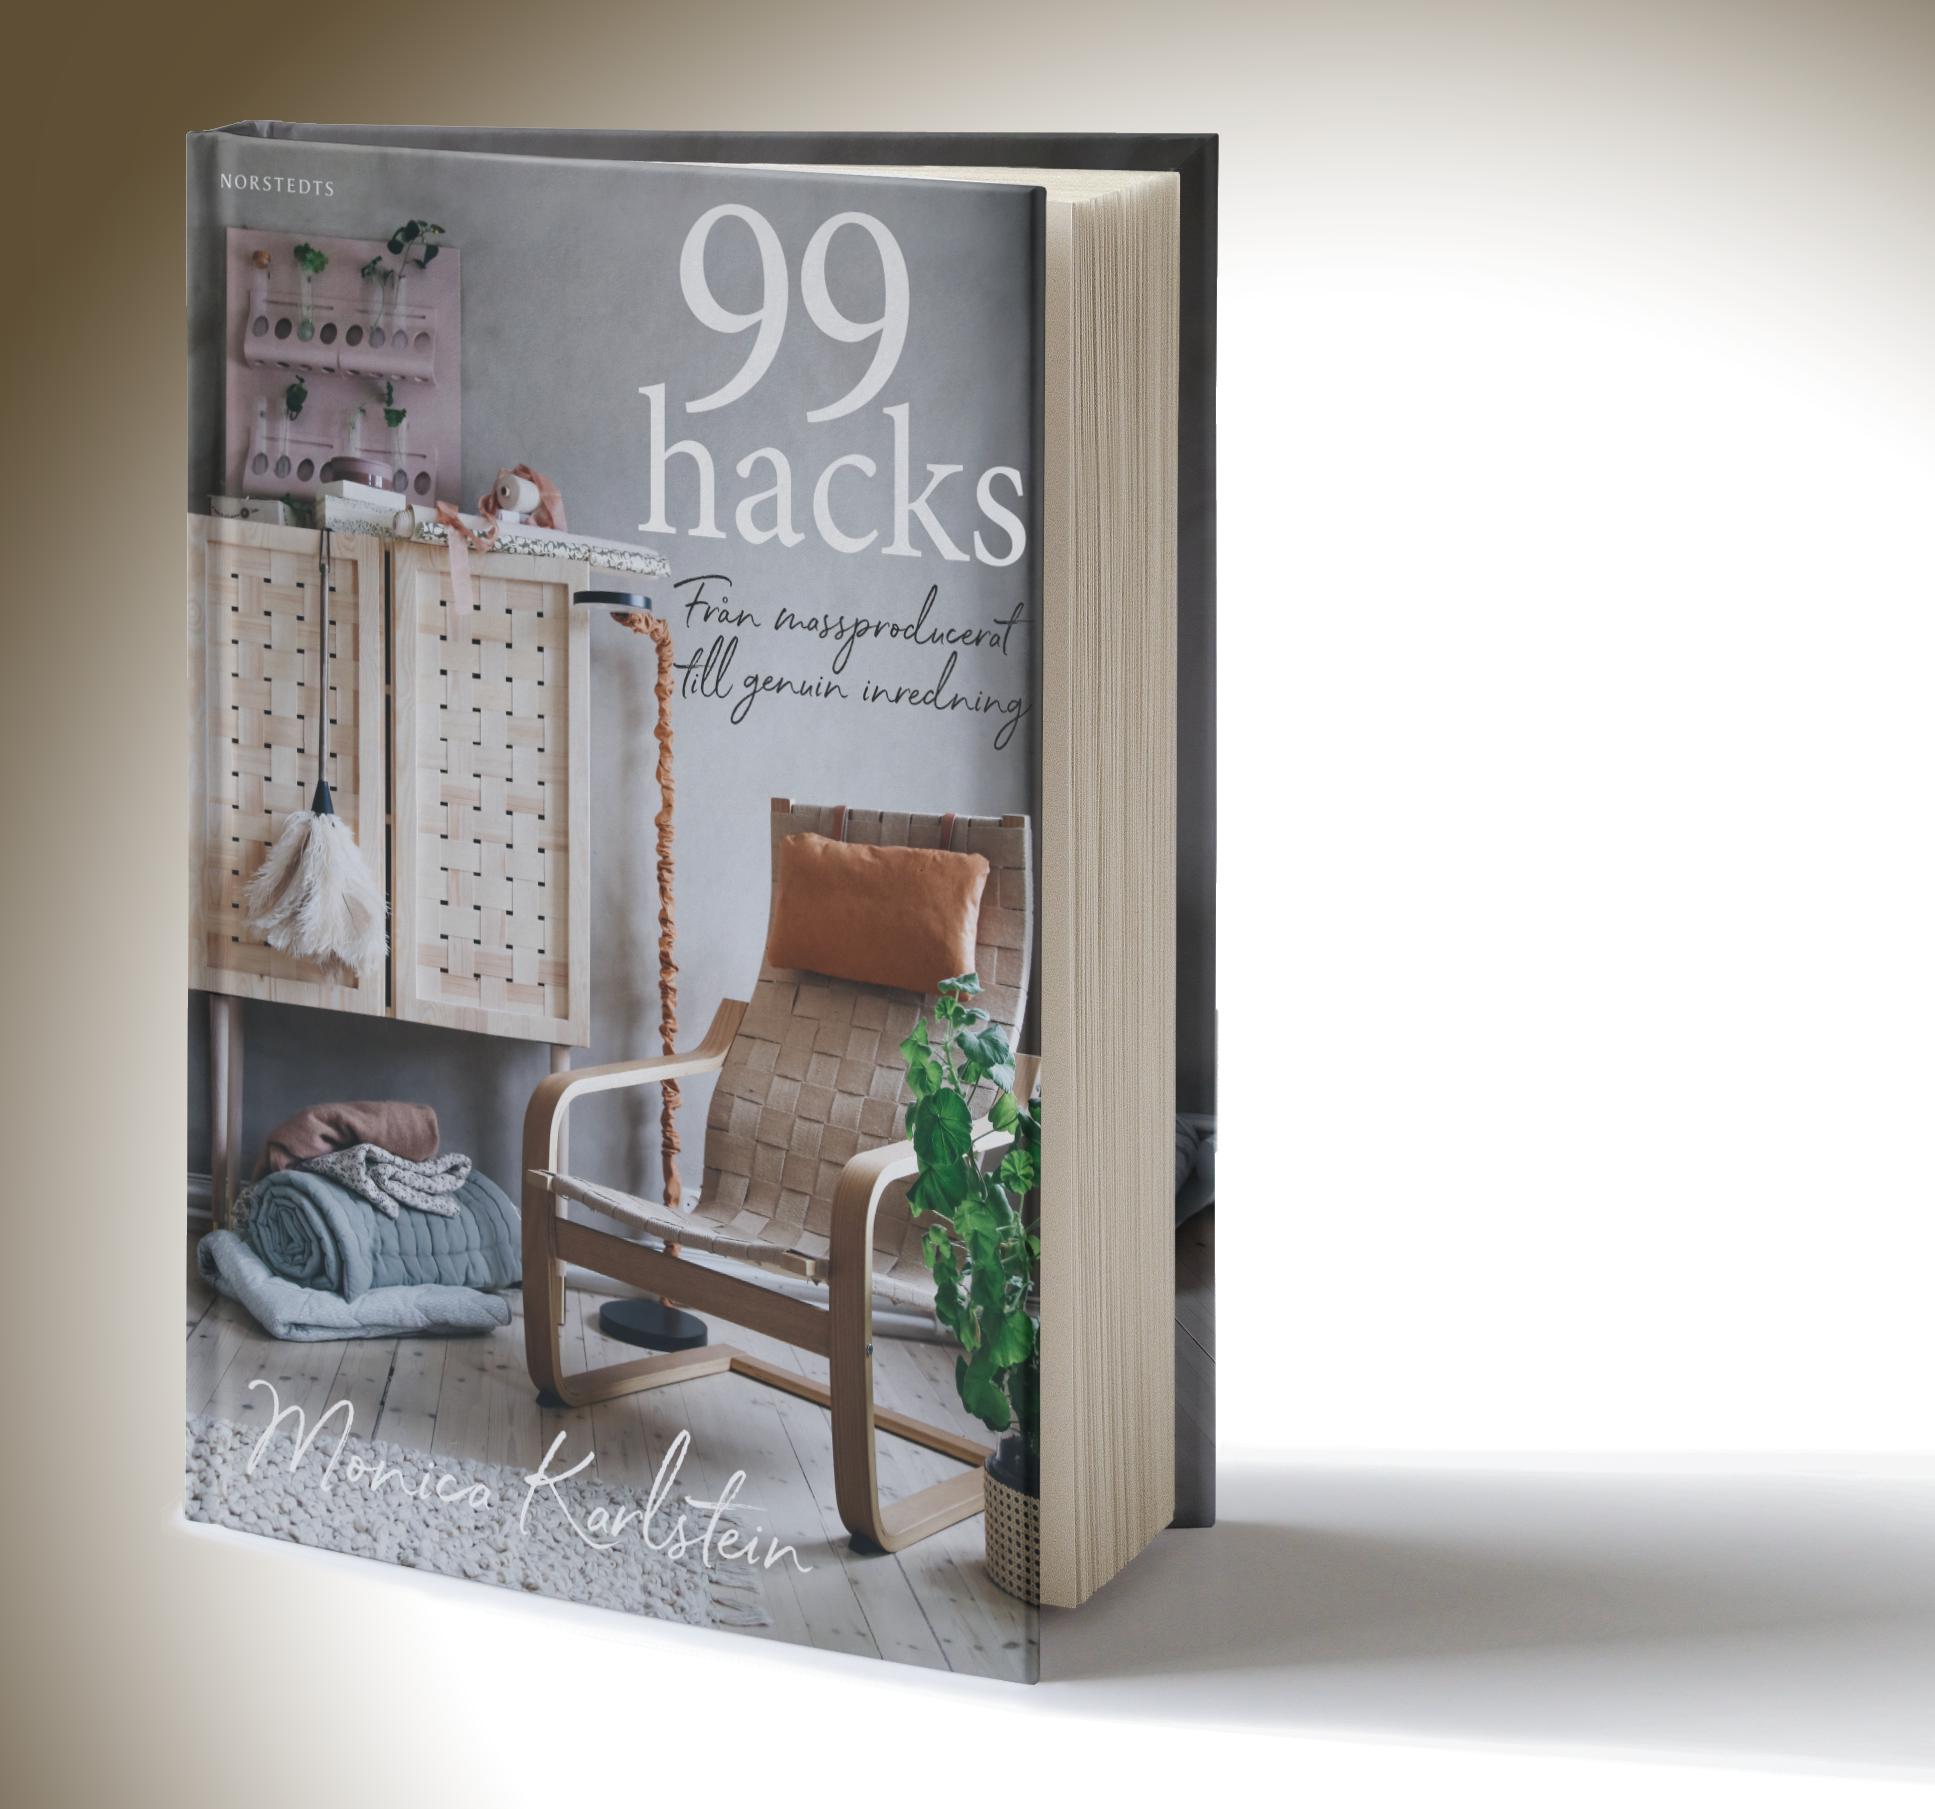 99-hacks_3D-omslag